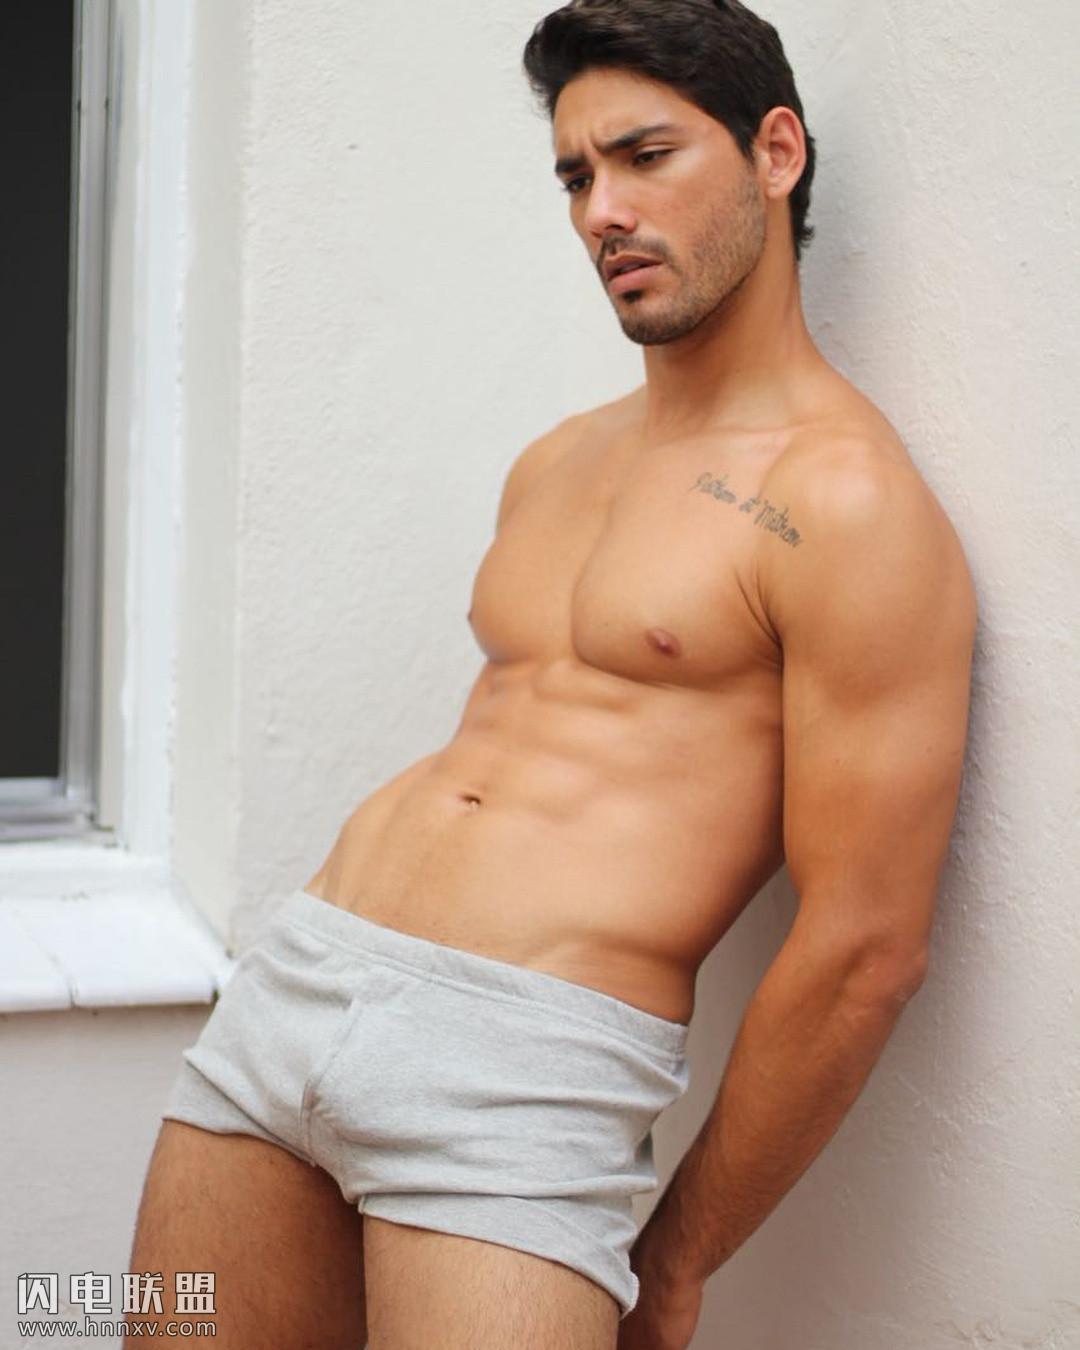 欧美性感肌肉帅哥型男图片